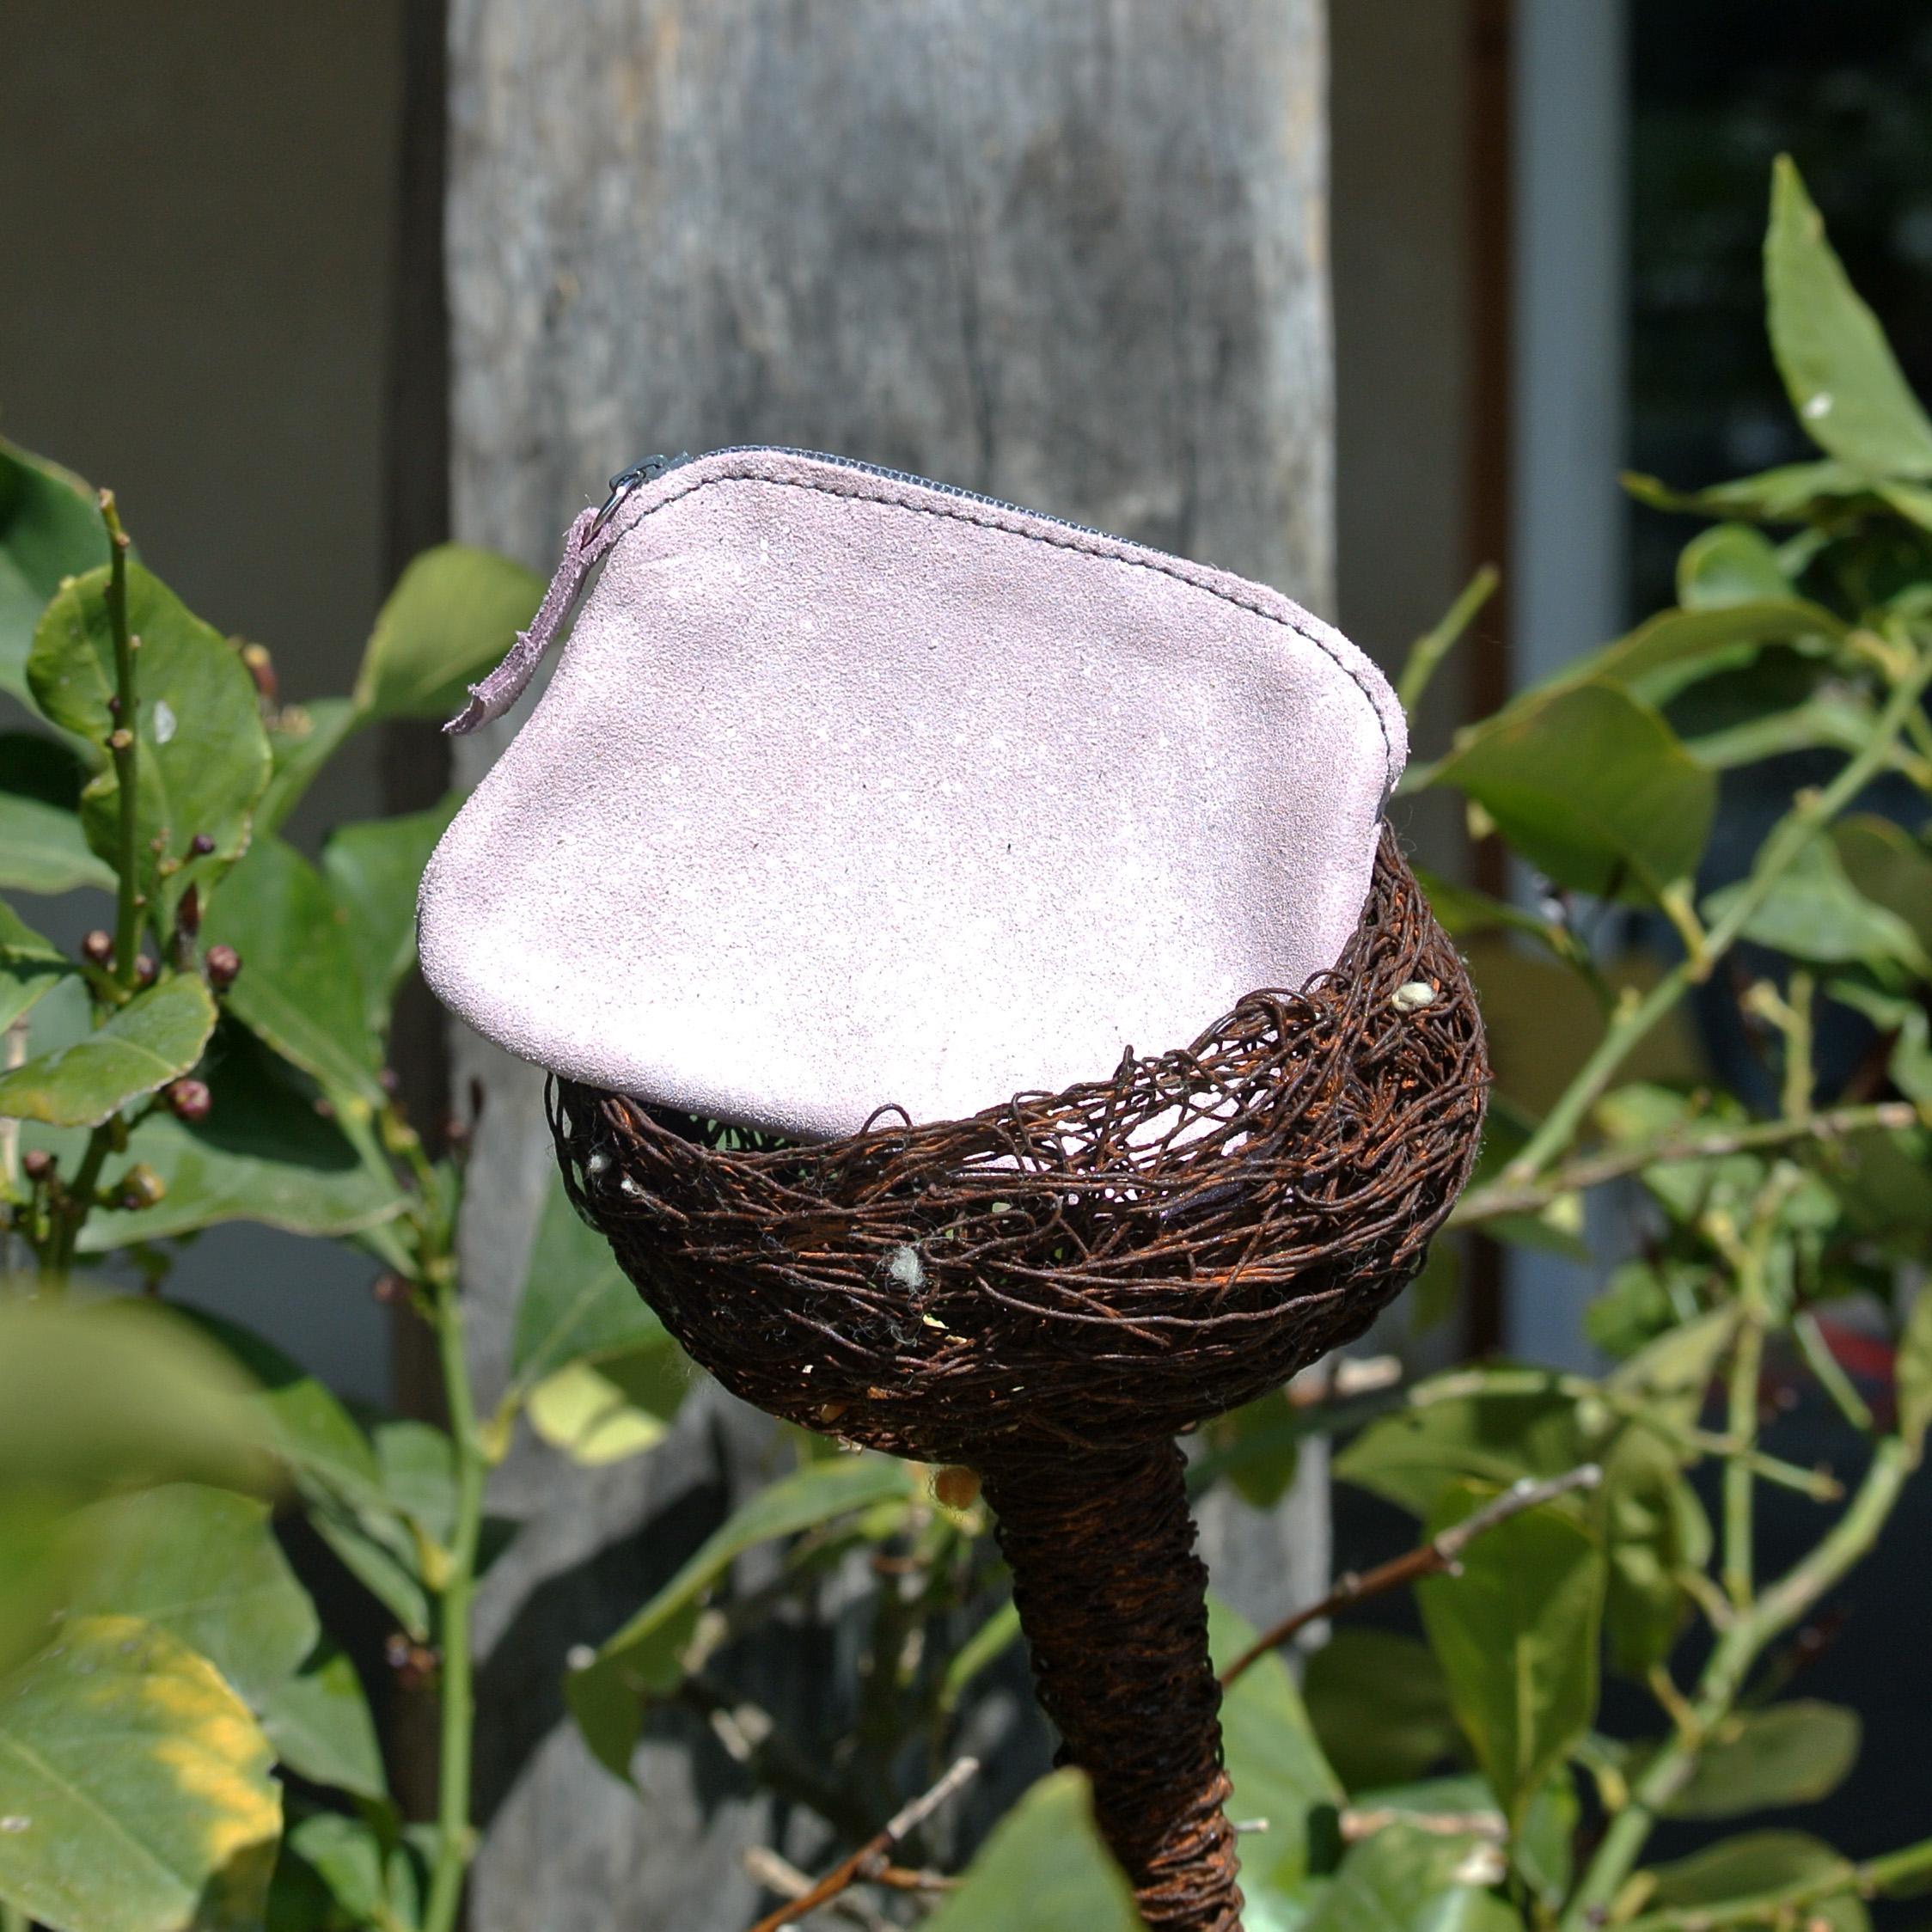 cuirs-fantaisies-la-cartabliere-fabrique-en-france-porte-monnaie-kiwi-en-cuir-paillete-rose-poudre